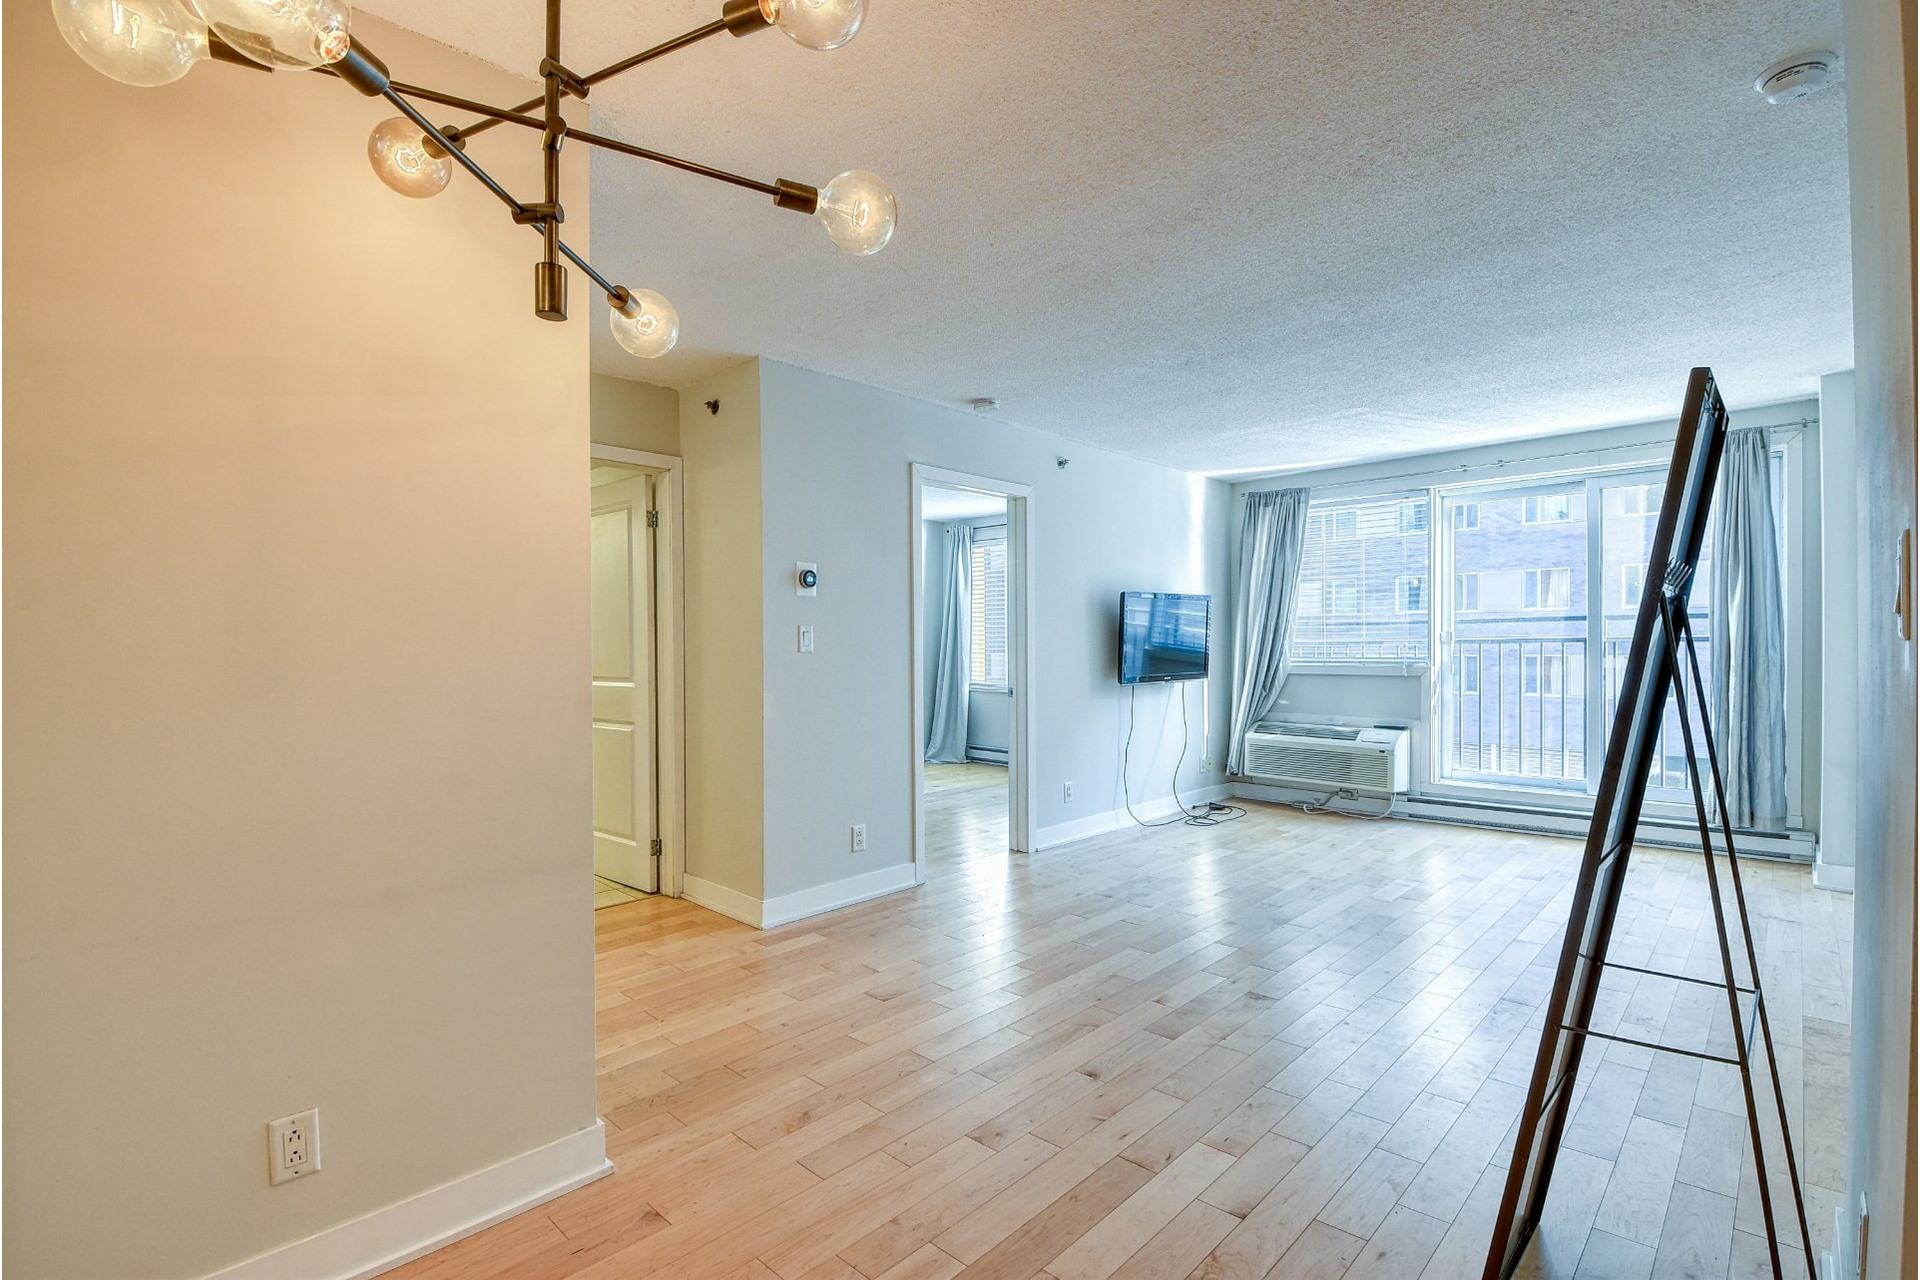 image 5 - Apartment For rent Ville-Marie Montréal  - 4 rooms